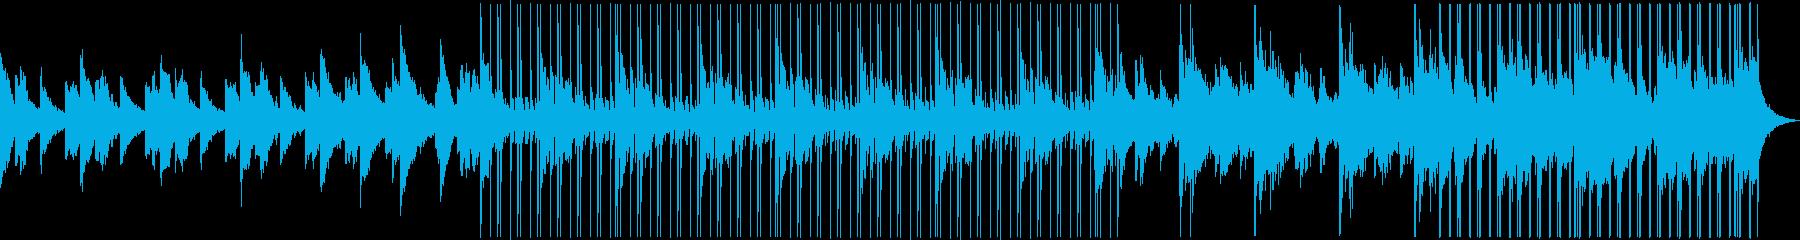 人気のある電子機器 レトロ 神経質...の再生済みの波形